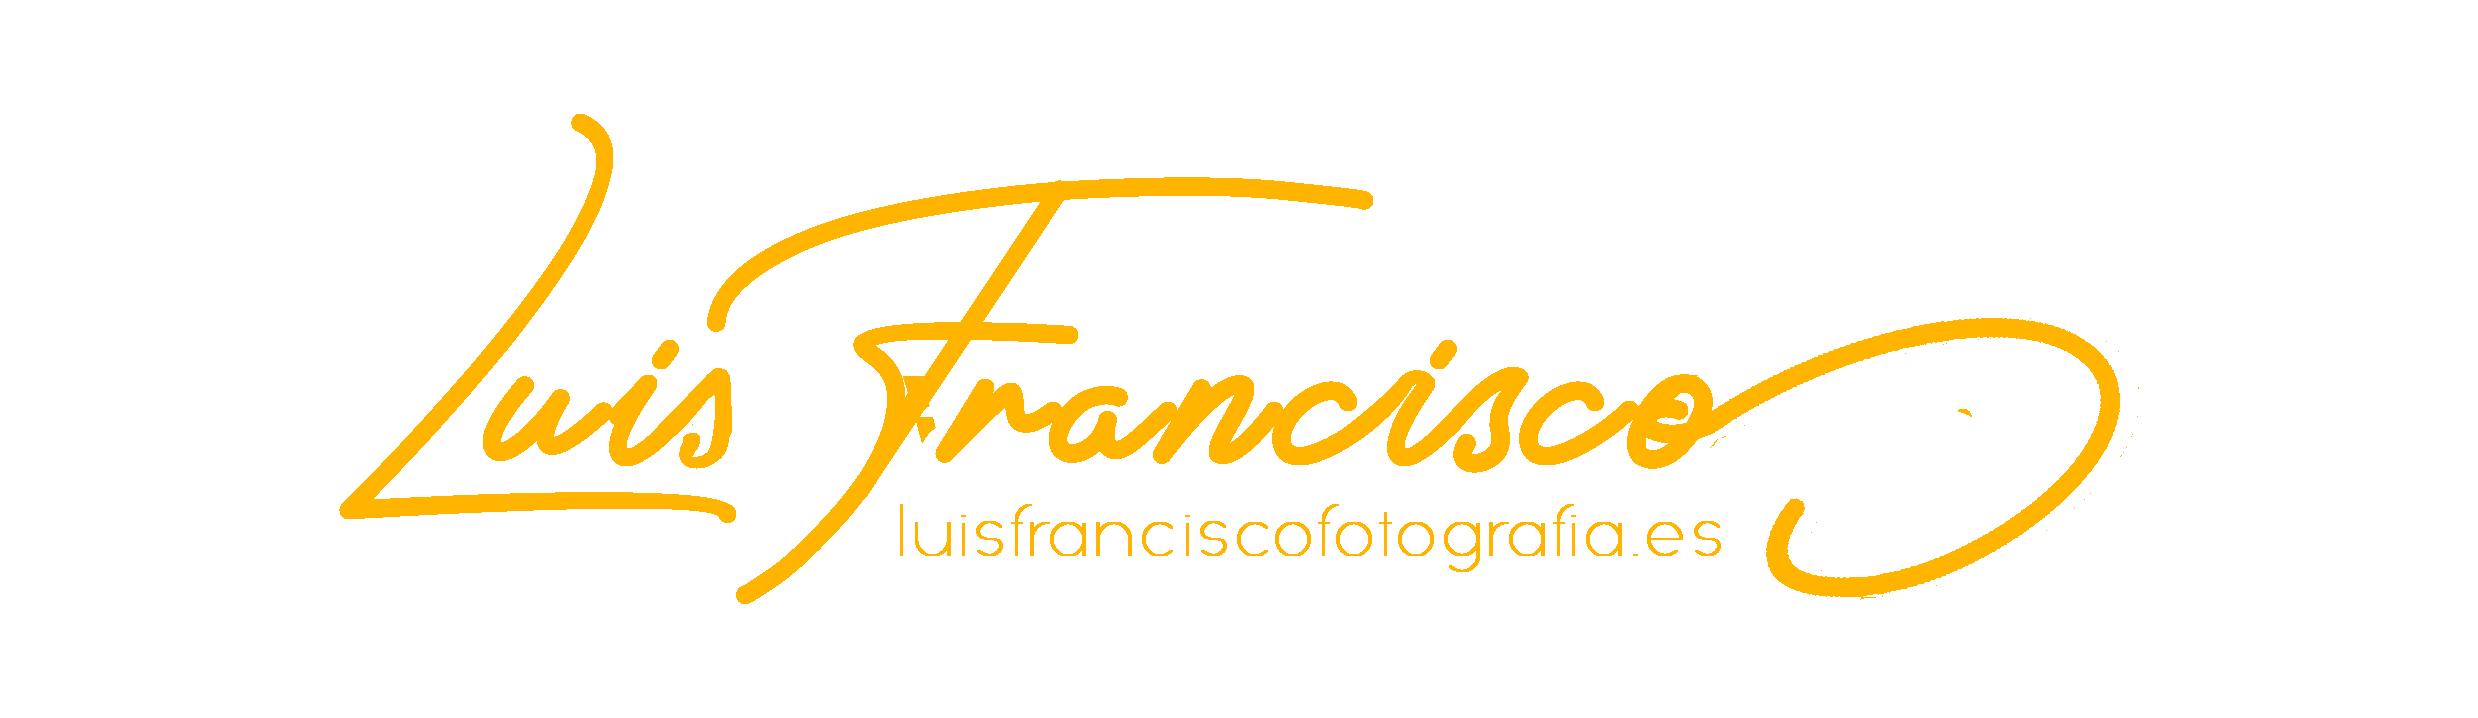 Luis Francisco Partida Rodriguez